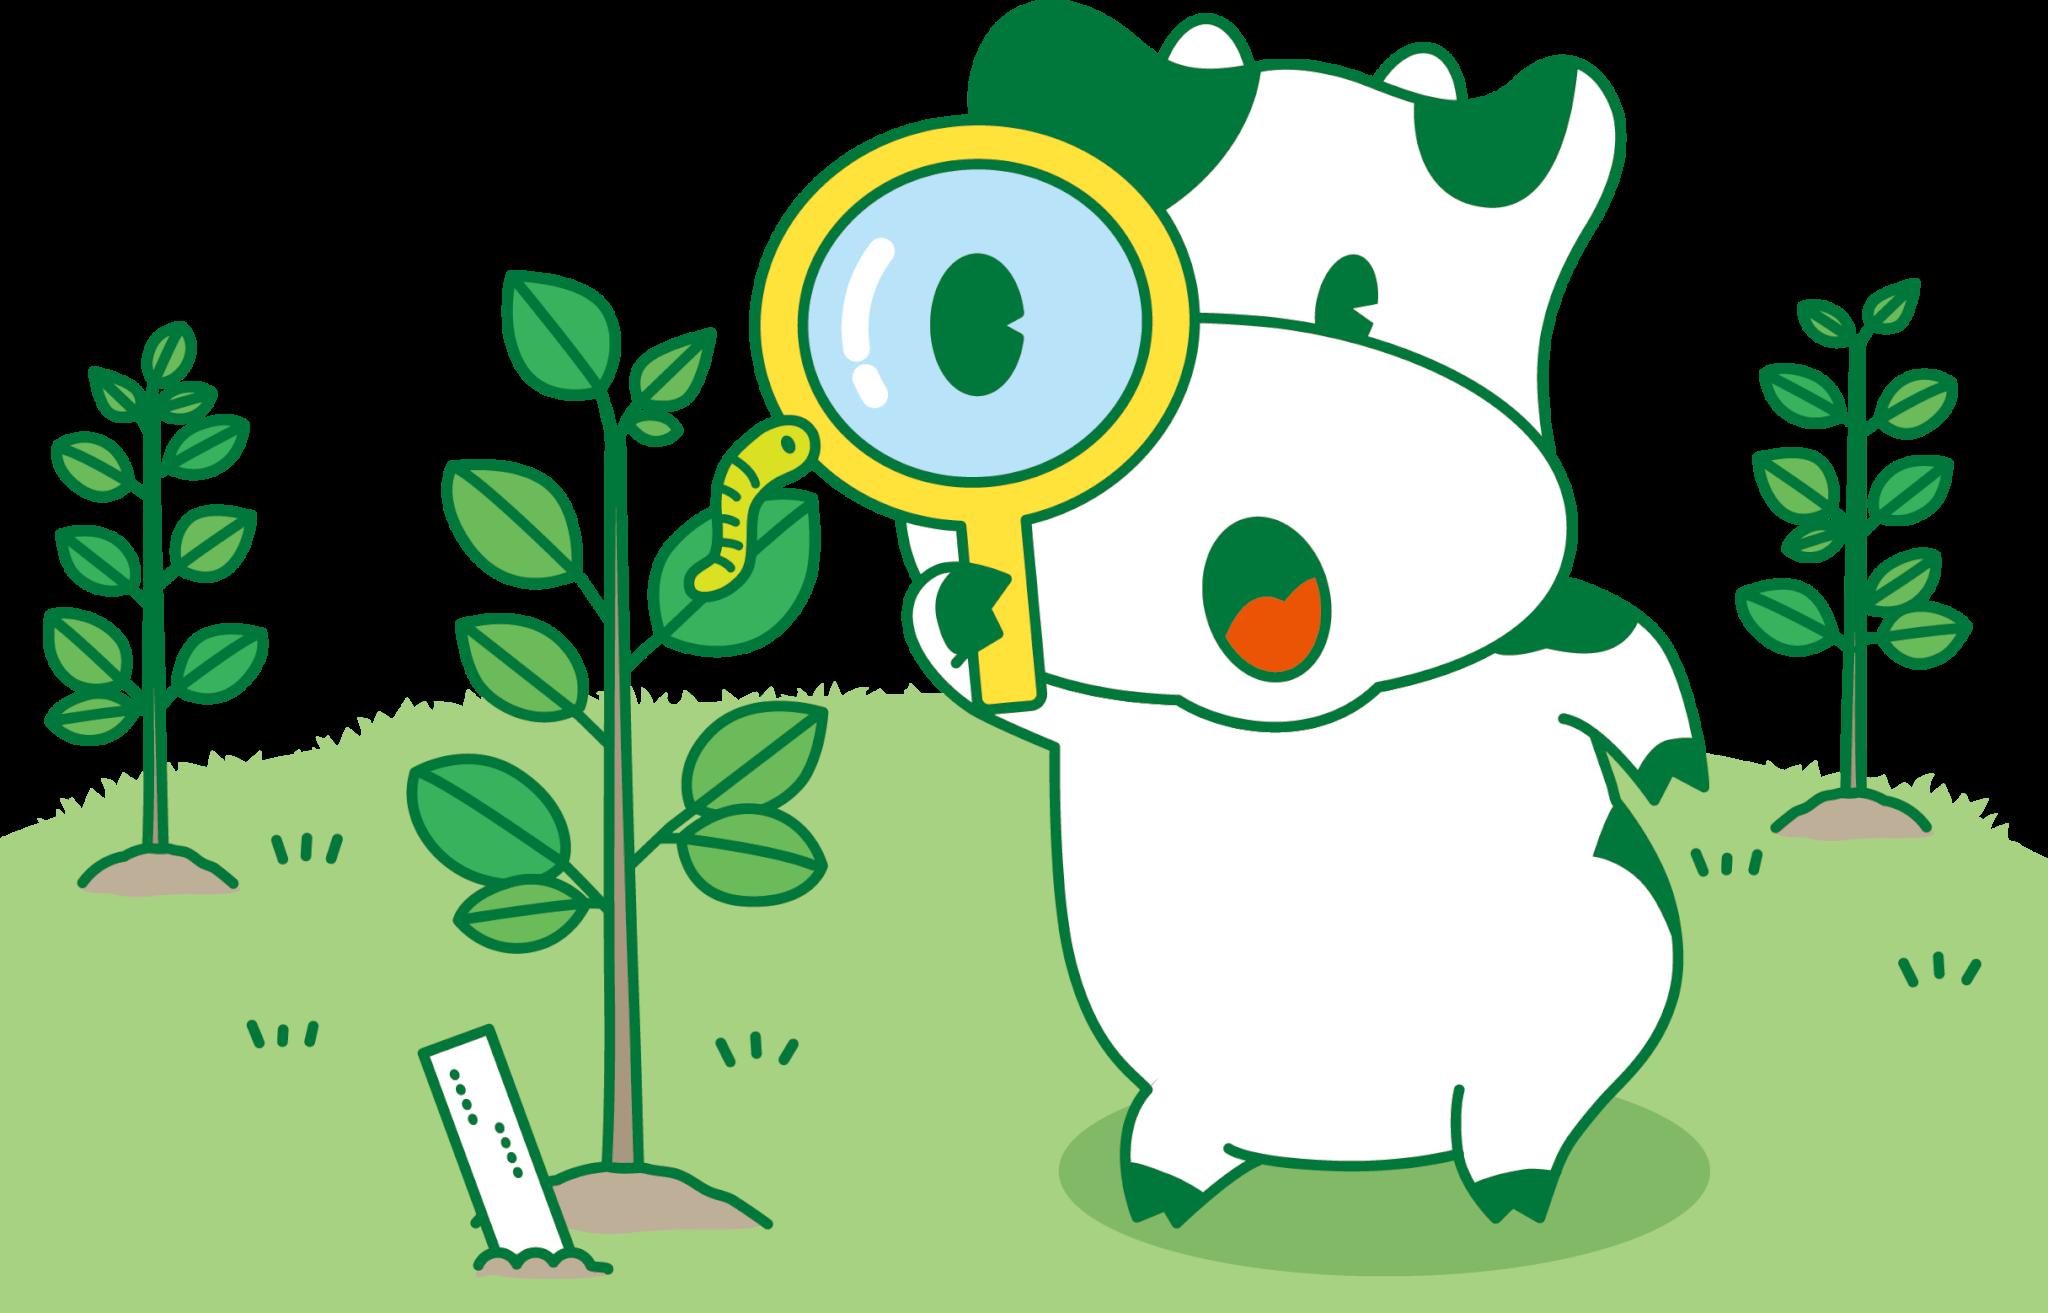 自分たちだけの小さな田んぼで稲を育てよう!バケツ稲(ミニ田んぼ稲)に挑戦!